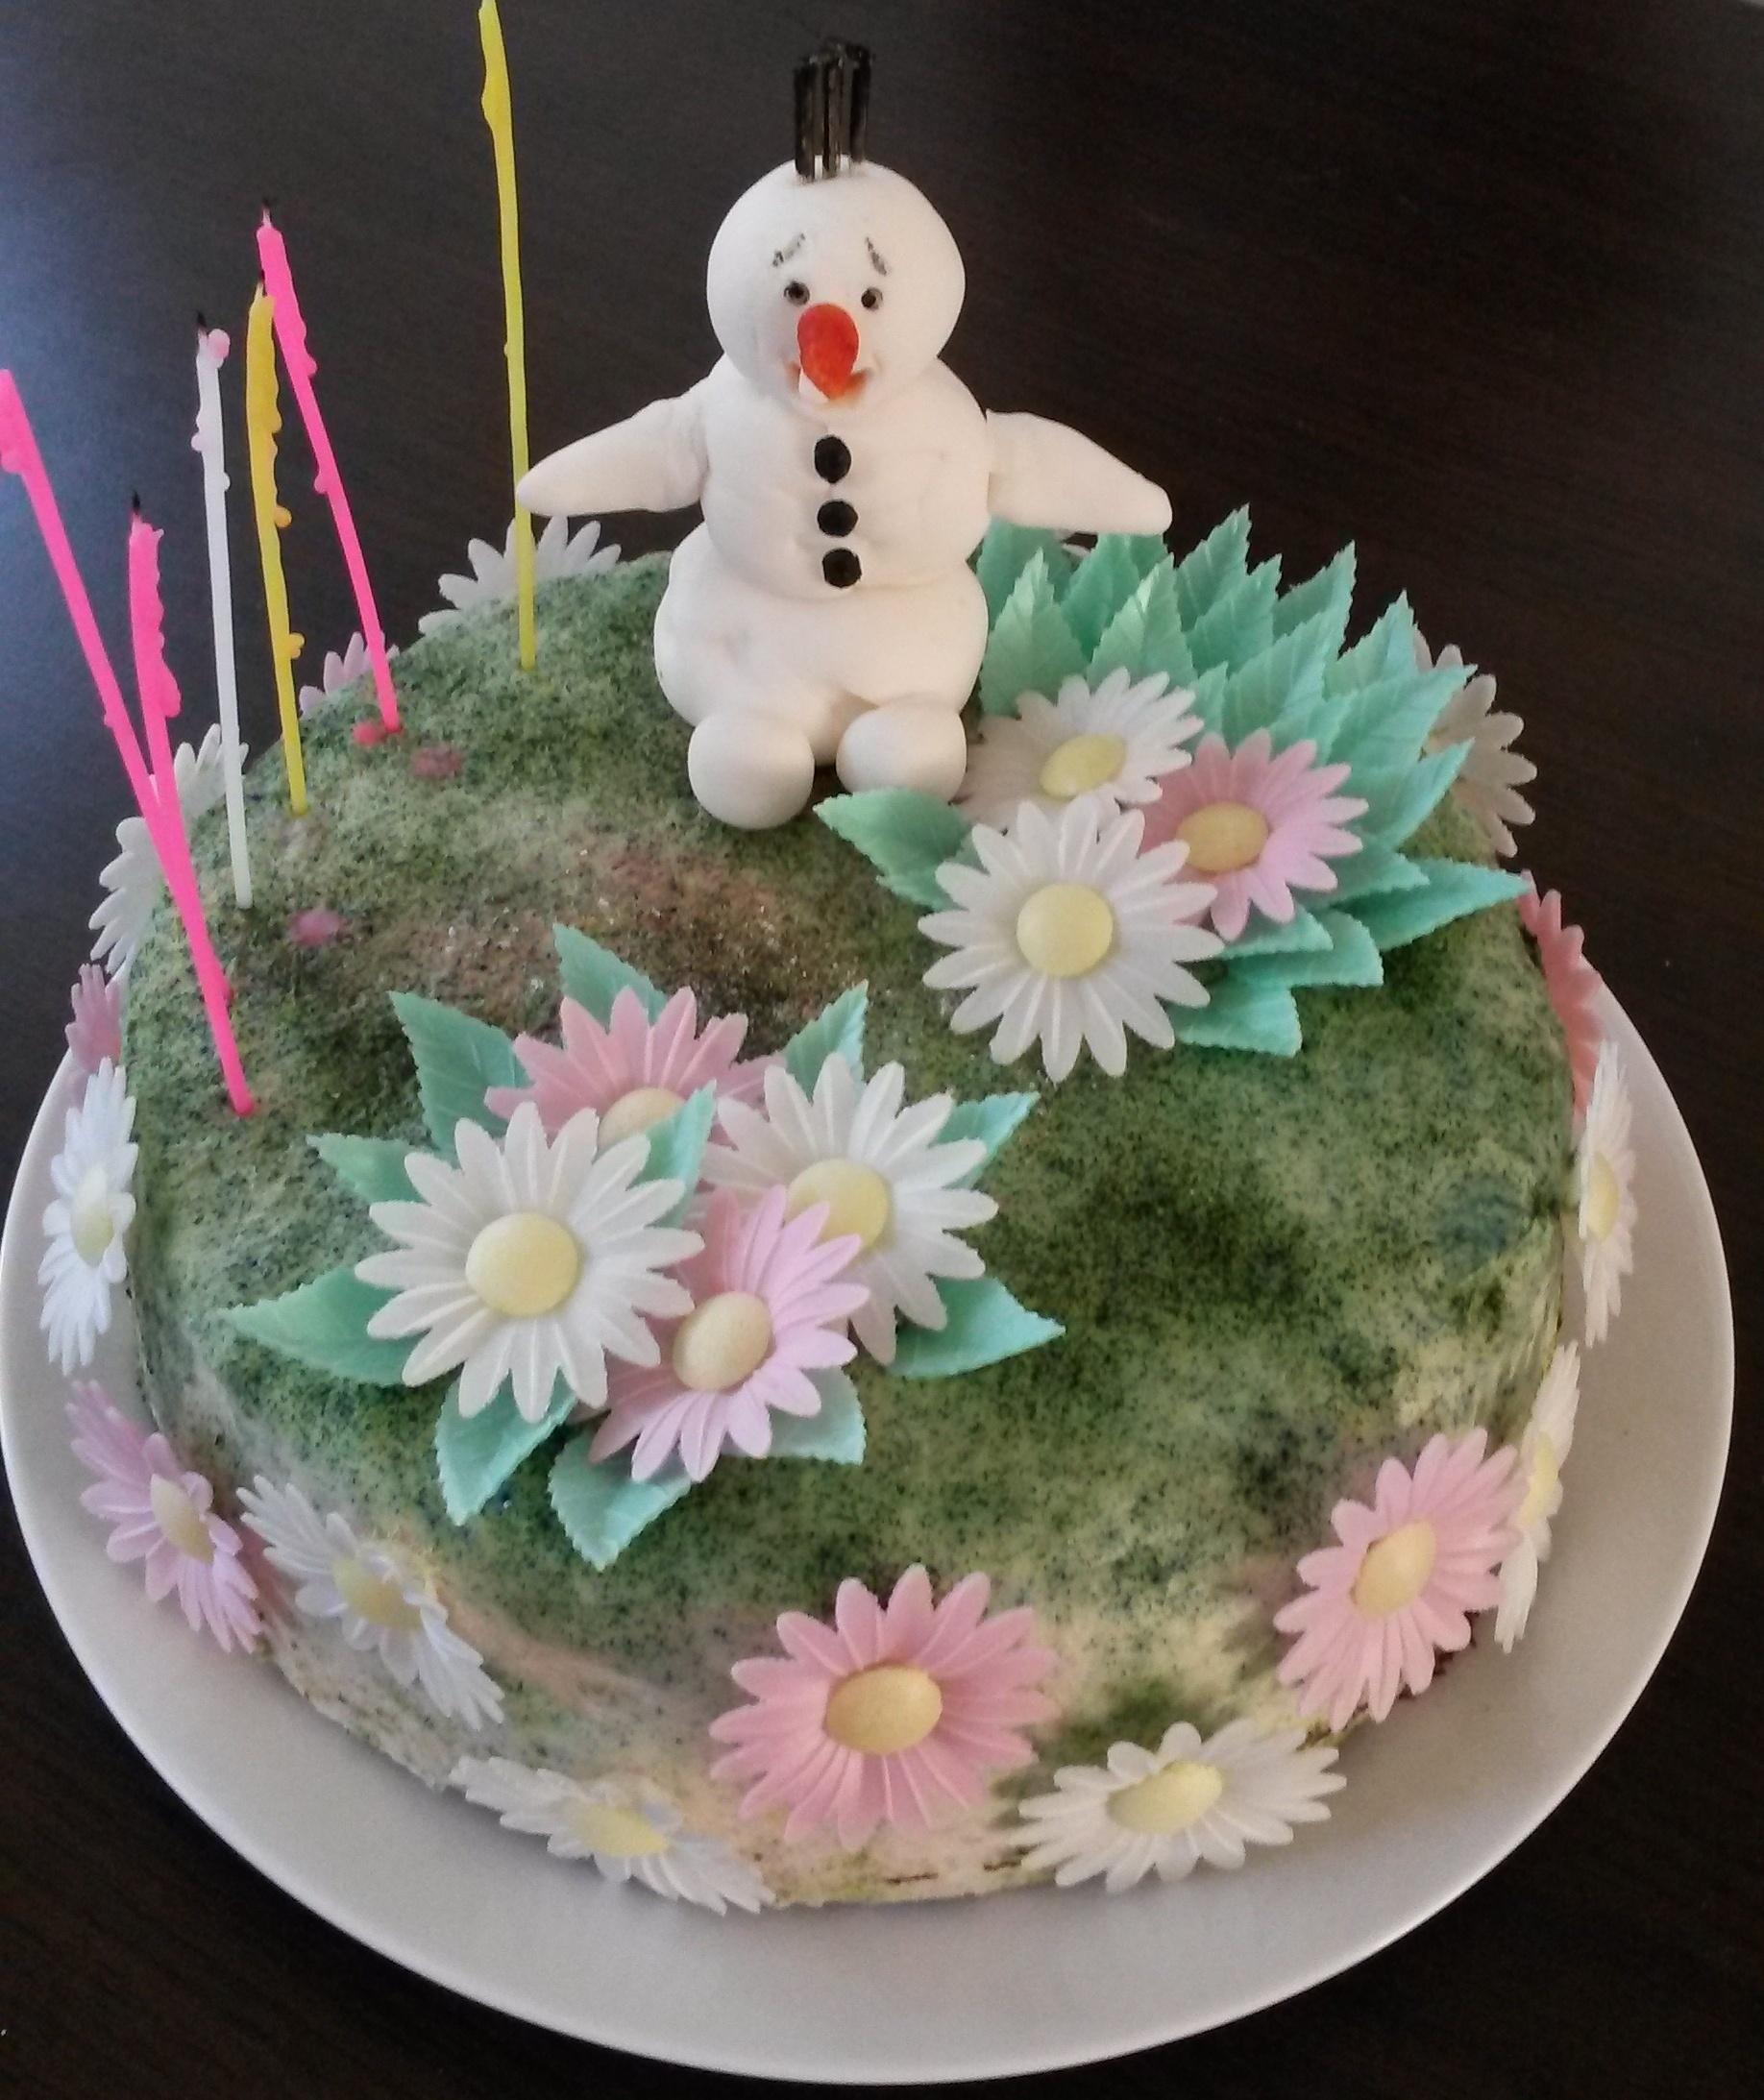 Recept Domácí krtkův dort - Dcera si krtkův dort ozdobila po svém